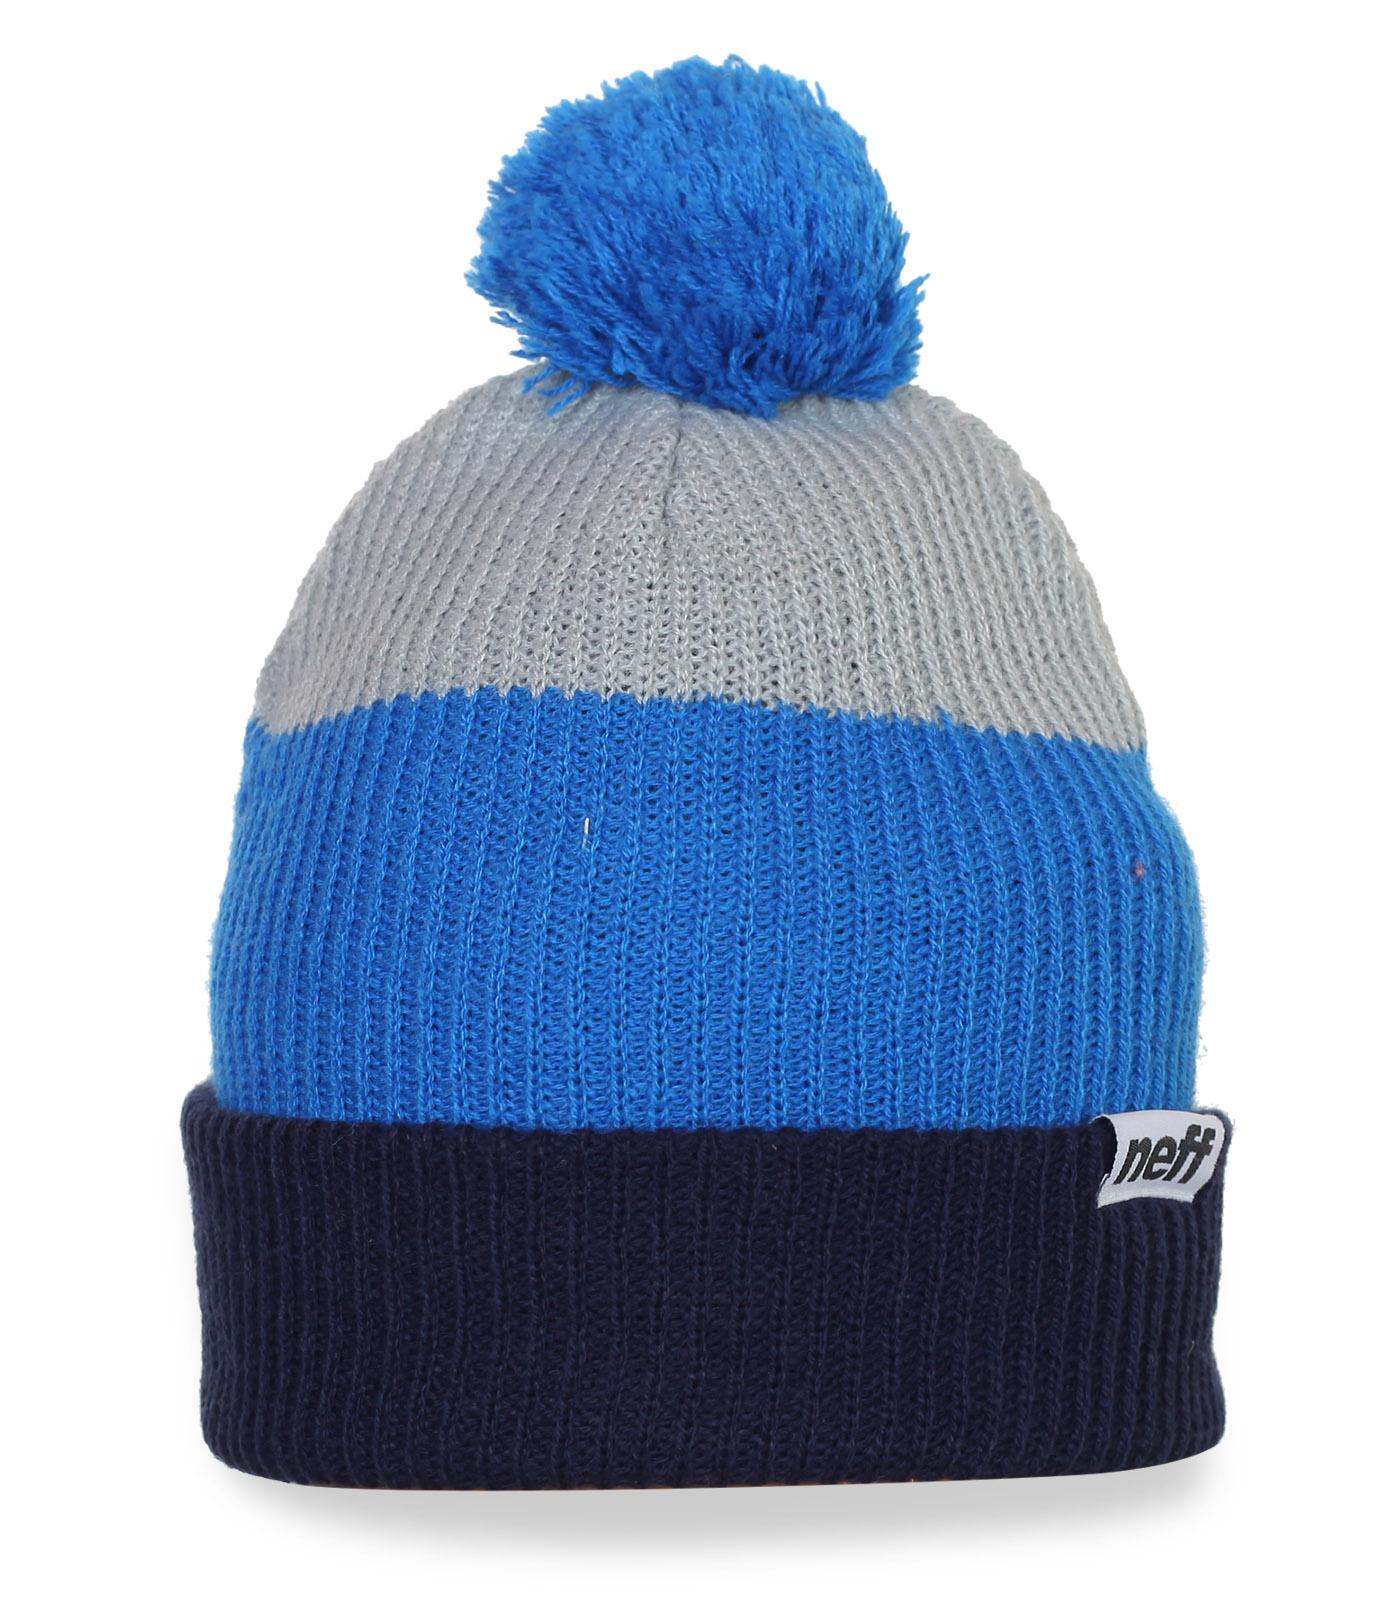 Прикольная зимняя шапка с помпоном Neff